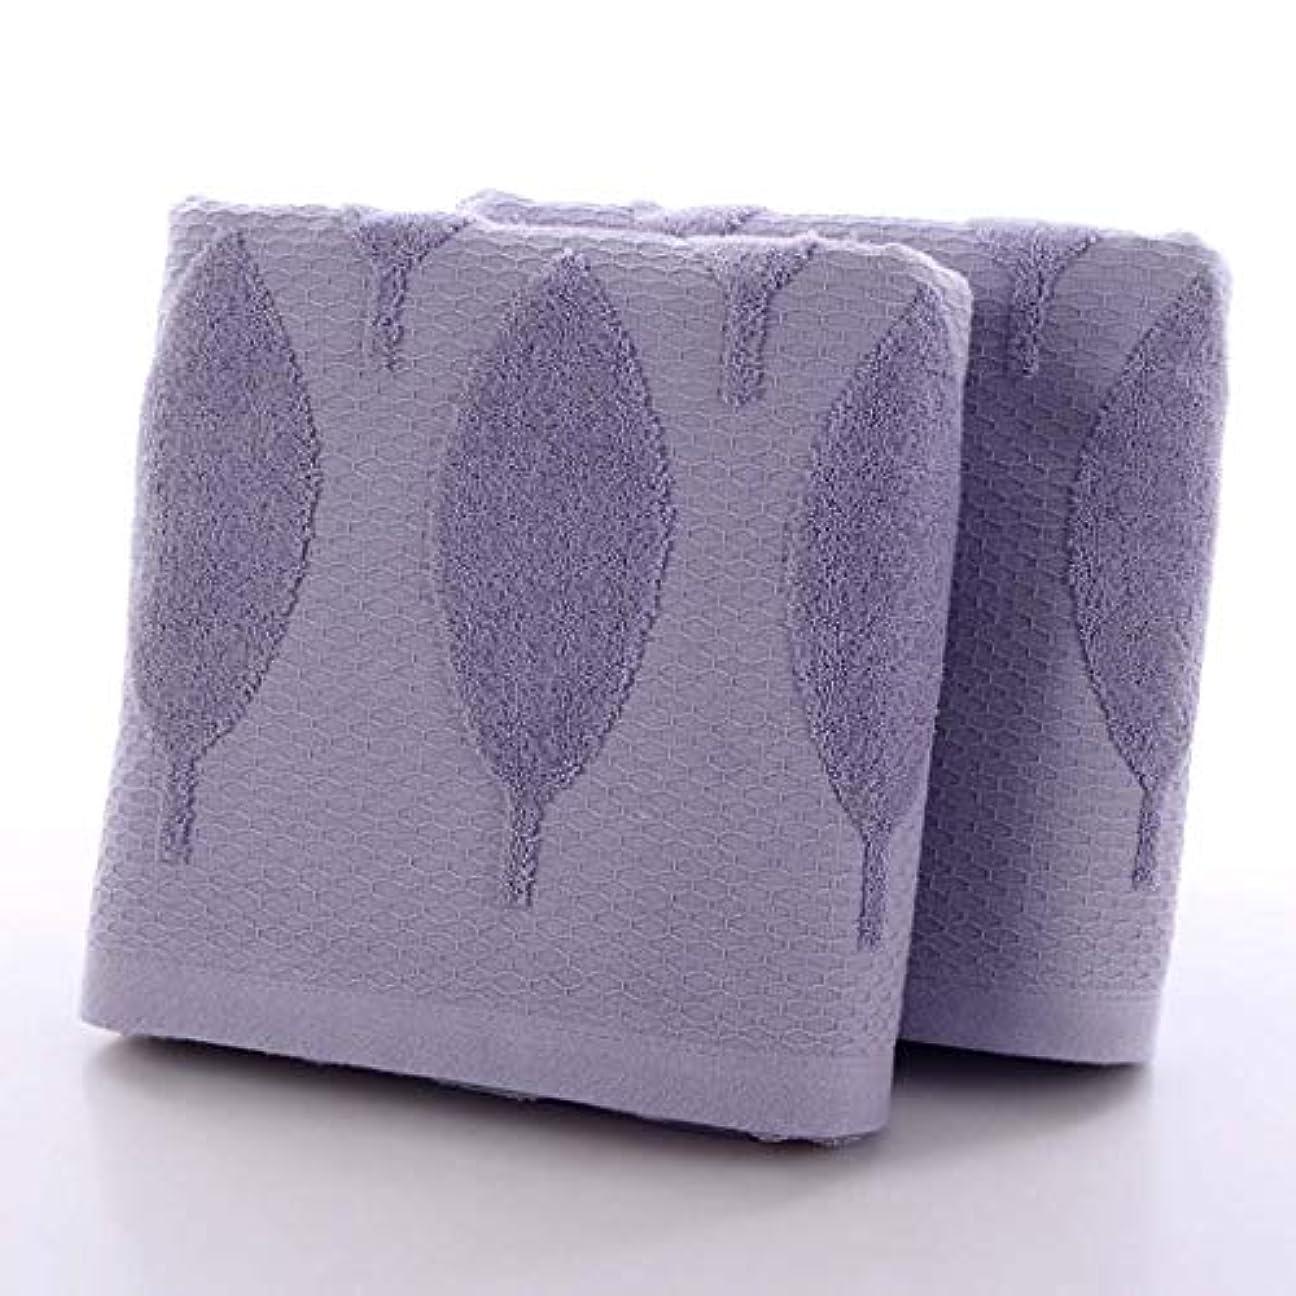 熟すロデオブレス柔らかい快適な綿のハンドタオルの速い乾燥したタオル,Blue,35*75cm